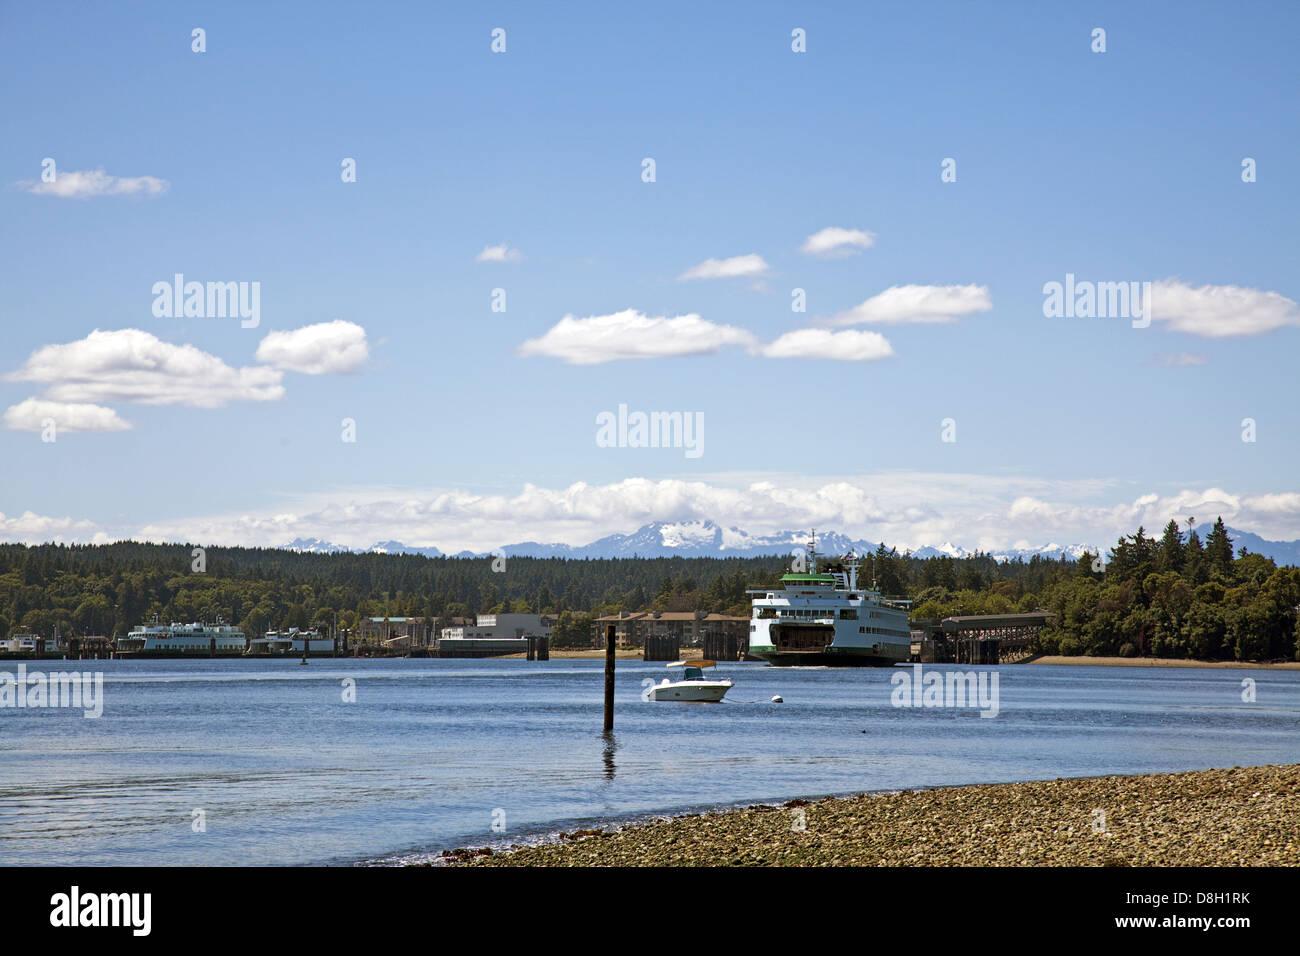 Bainbridge Island & Washington State Ferry - Stock Image